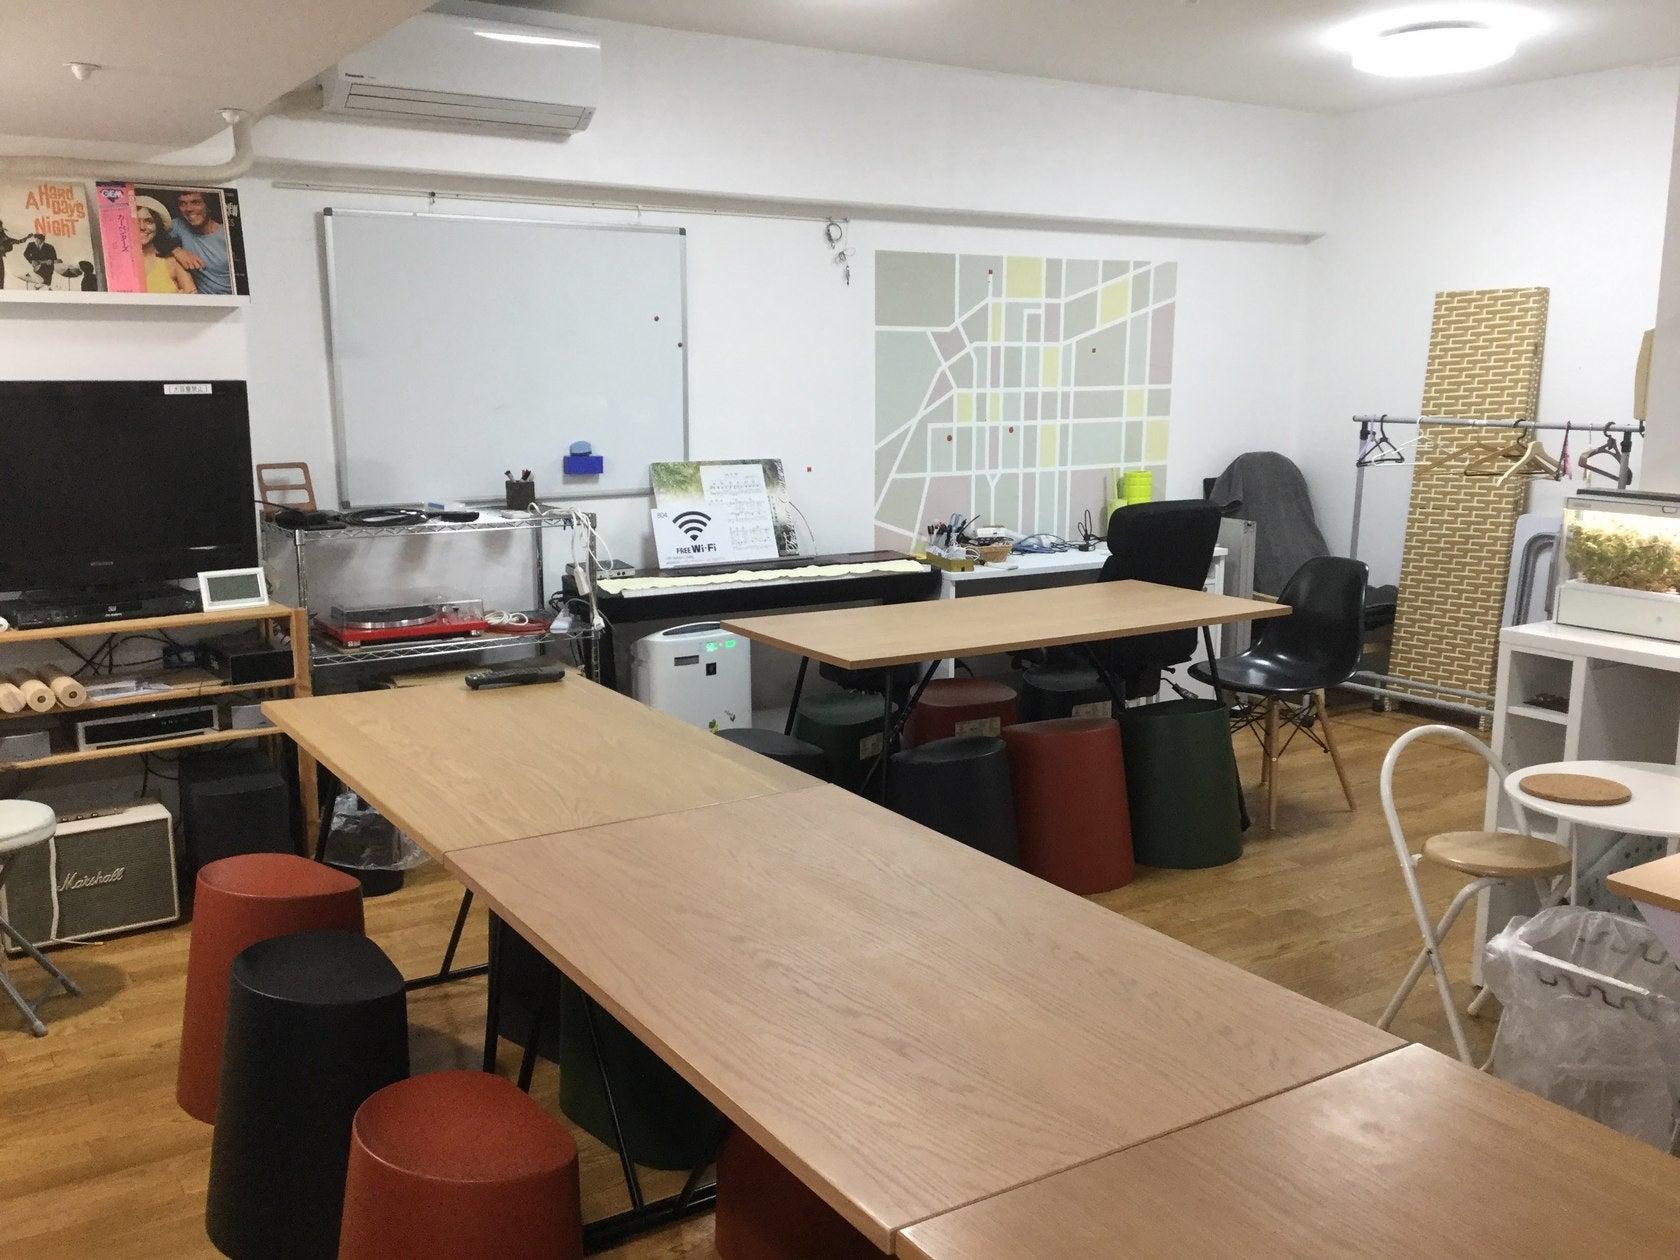 レンタルキッチン心斎橋804【大阪・心斎橋】駅から3分のキッチン付きスペース!